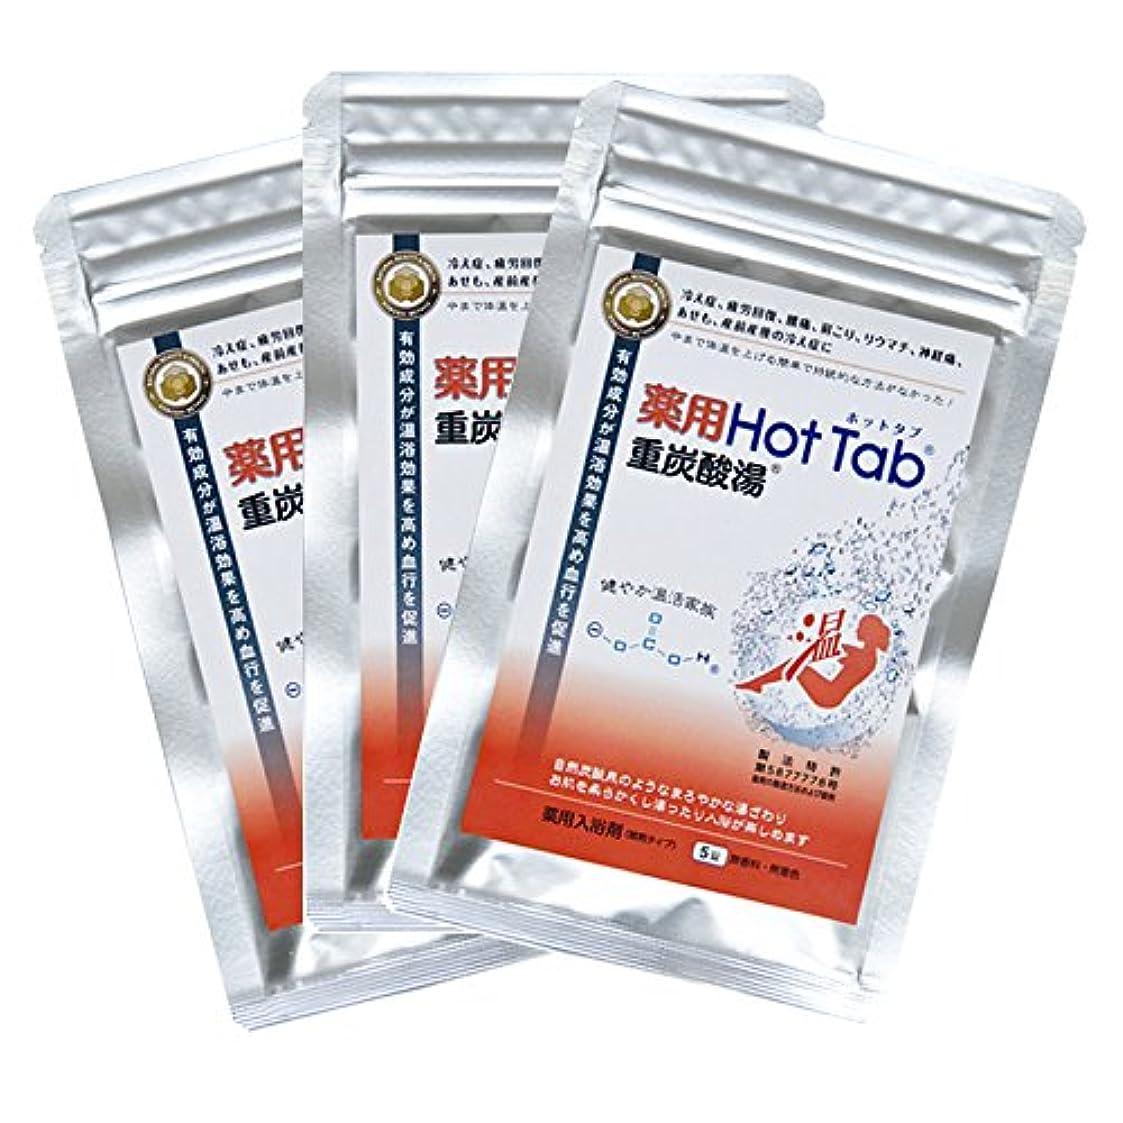 不利益味付けあなたのもの薬用 Hot Tab 重炭酸湯 5錠入りx3セット